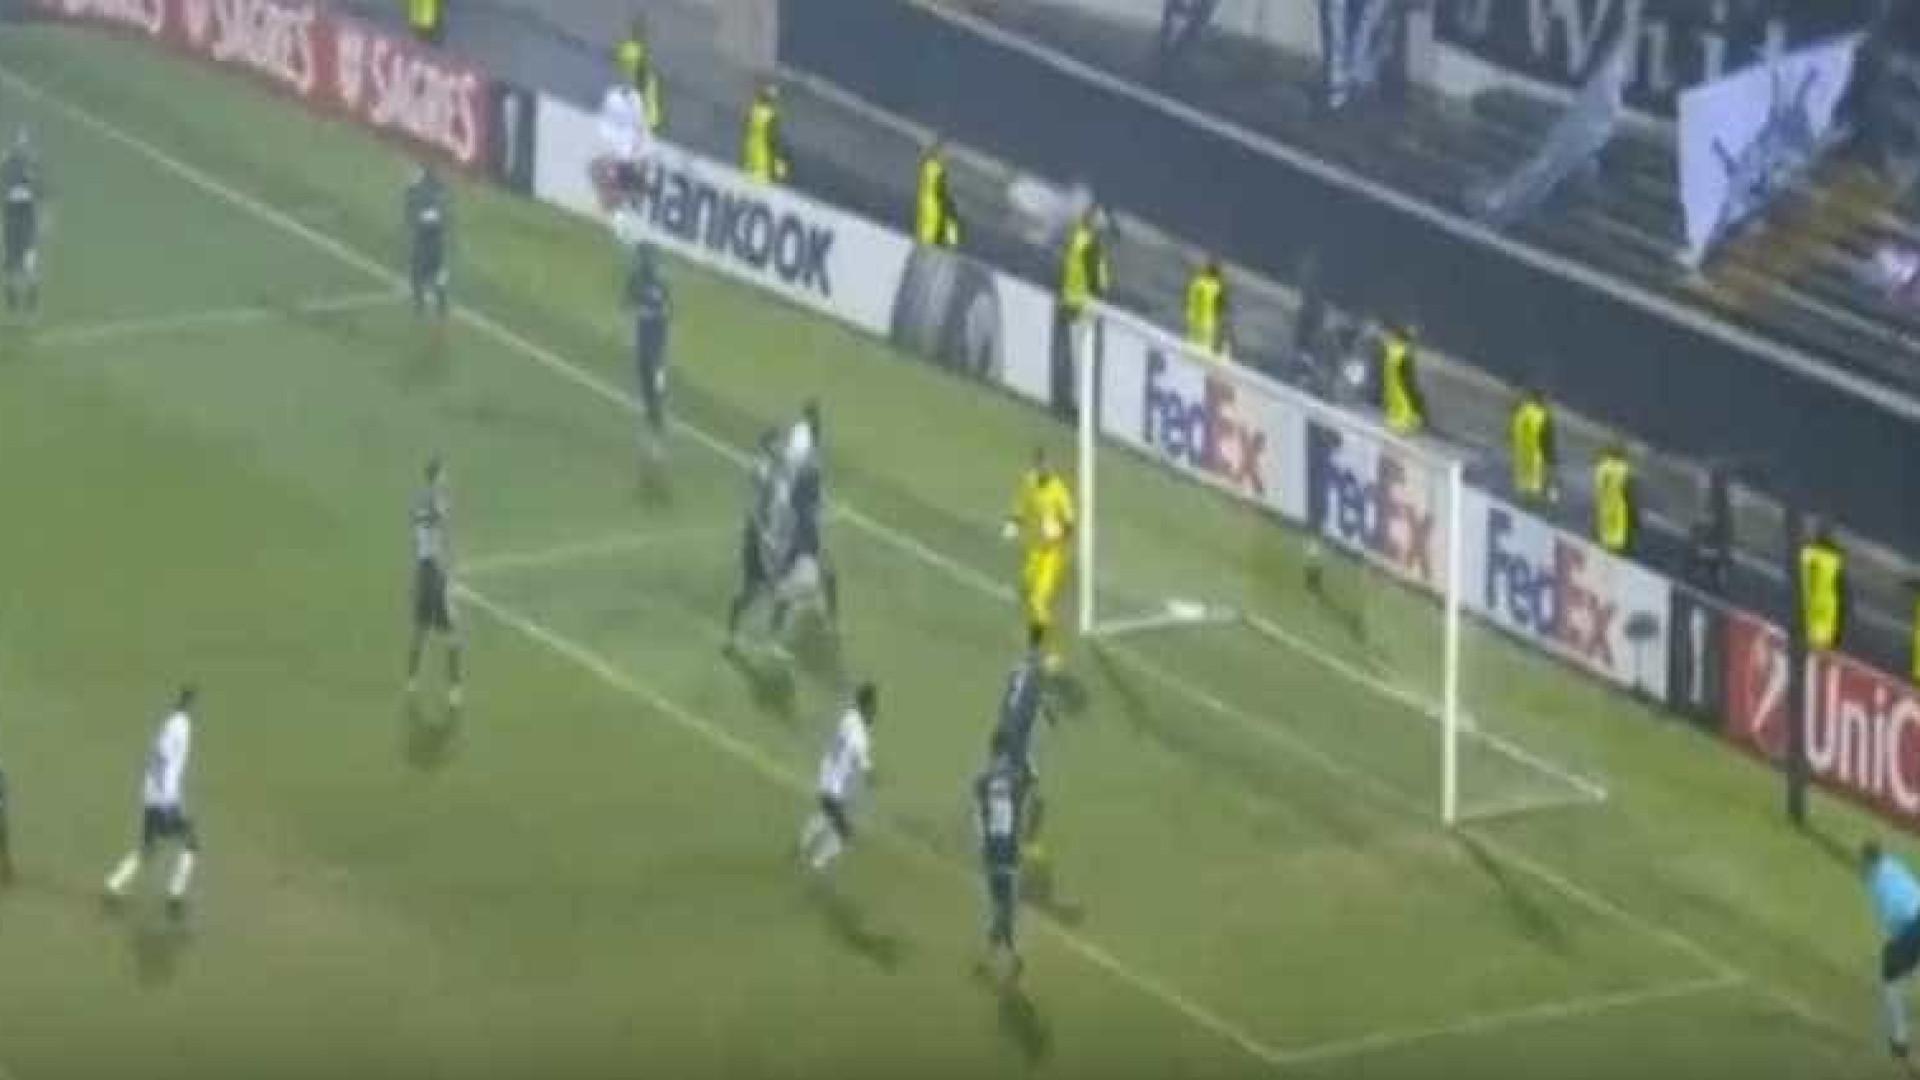 Autogolo de Ali Turan dá o empate ao Vitória de Guimarães